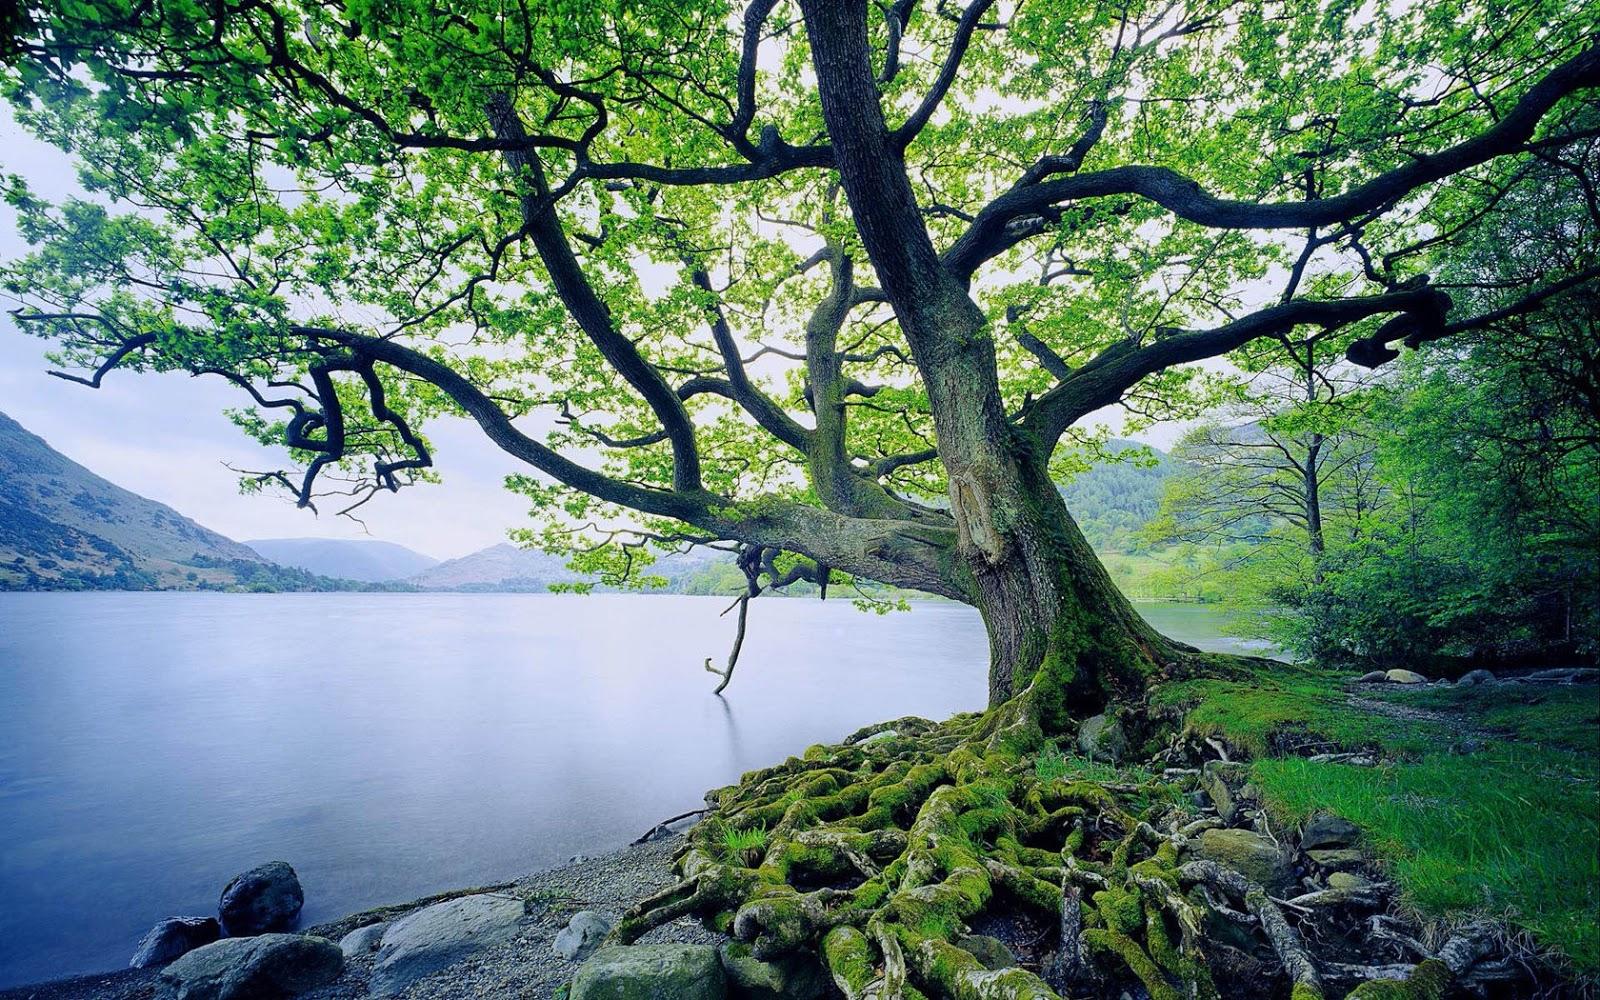 A folyó mellé ültetett fa